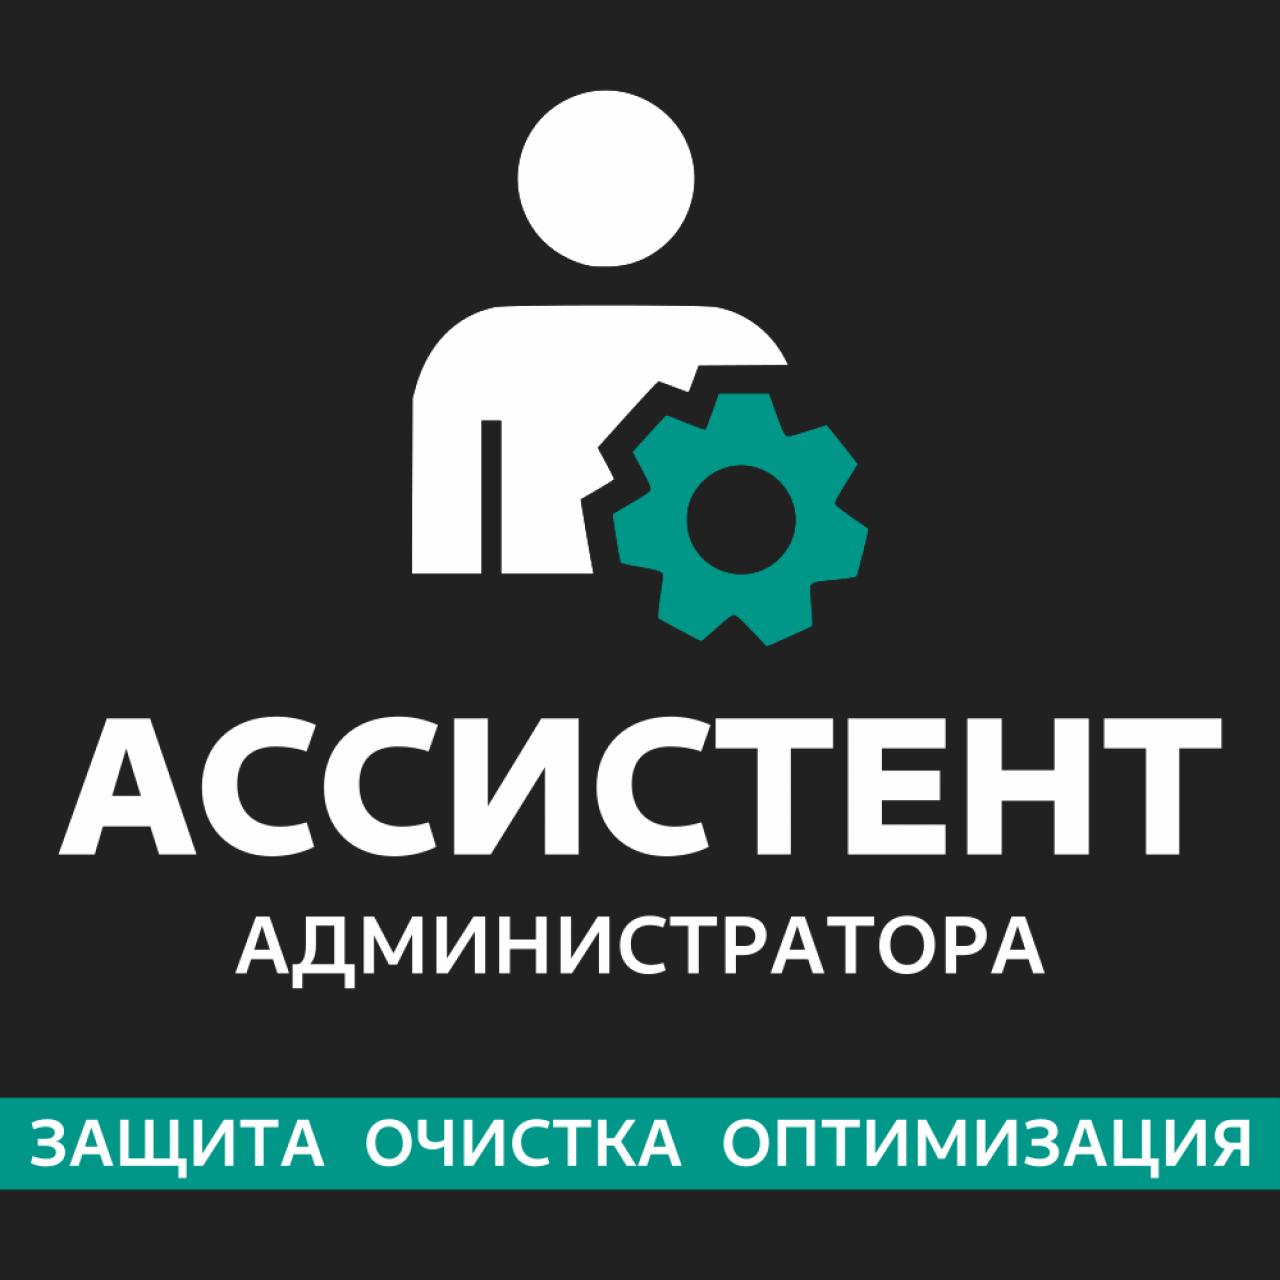 Ассистент администратора (Защита, настройка и оптимизация) из категории Админка для CMS OpenCart (ОпенКарт)